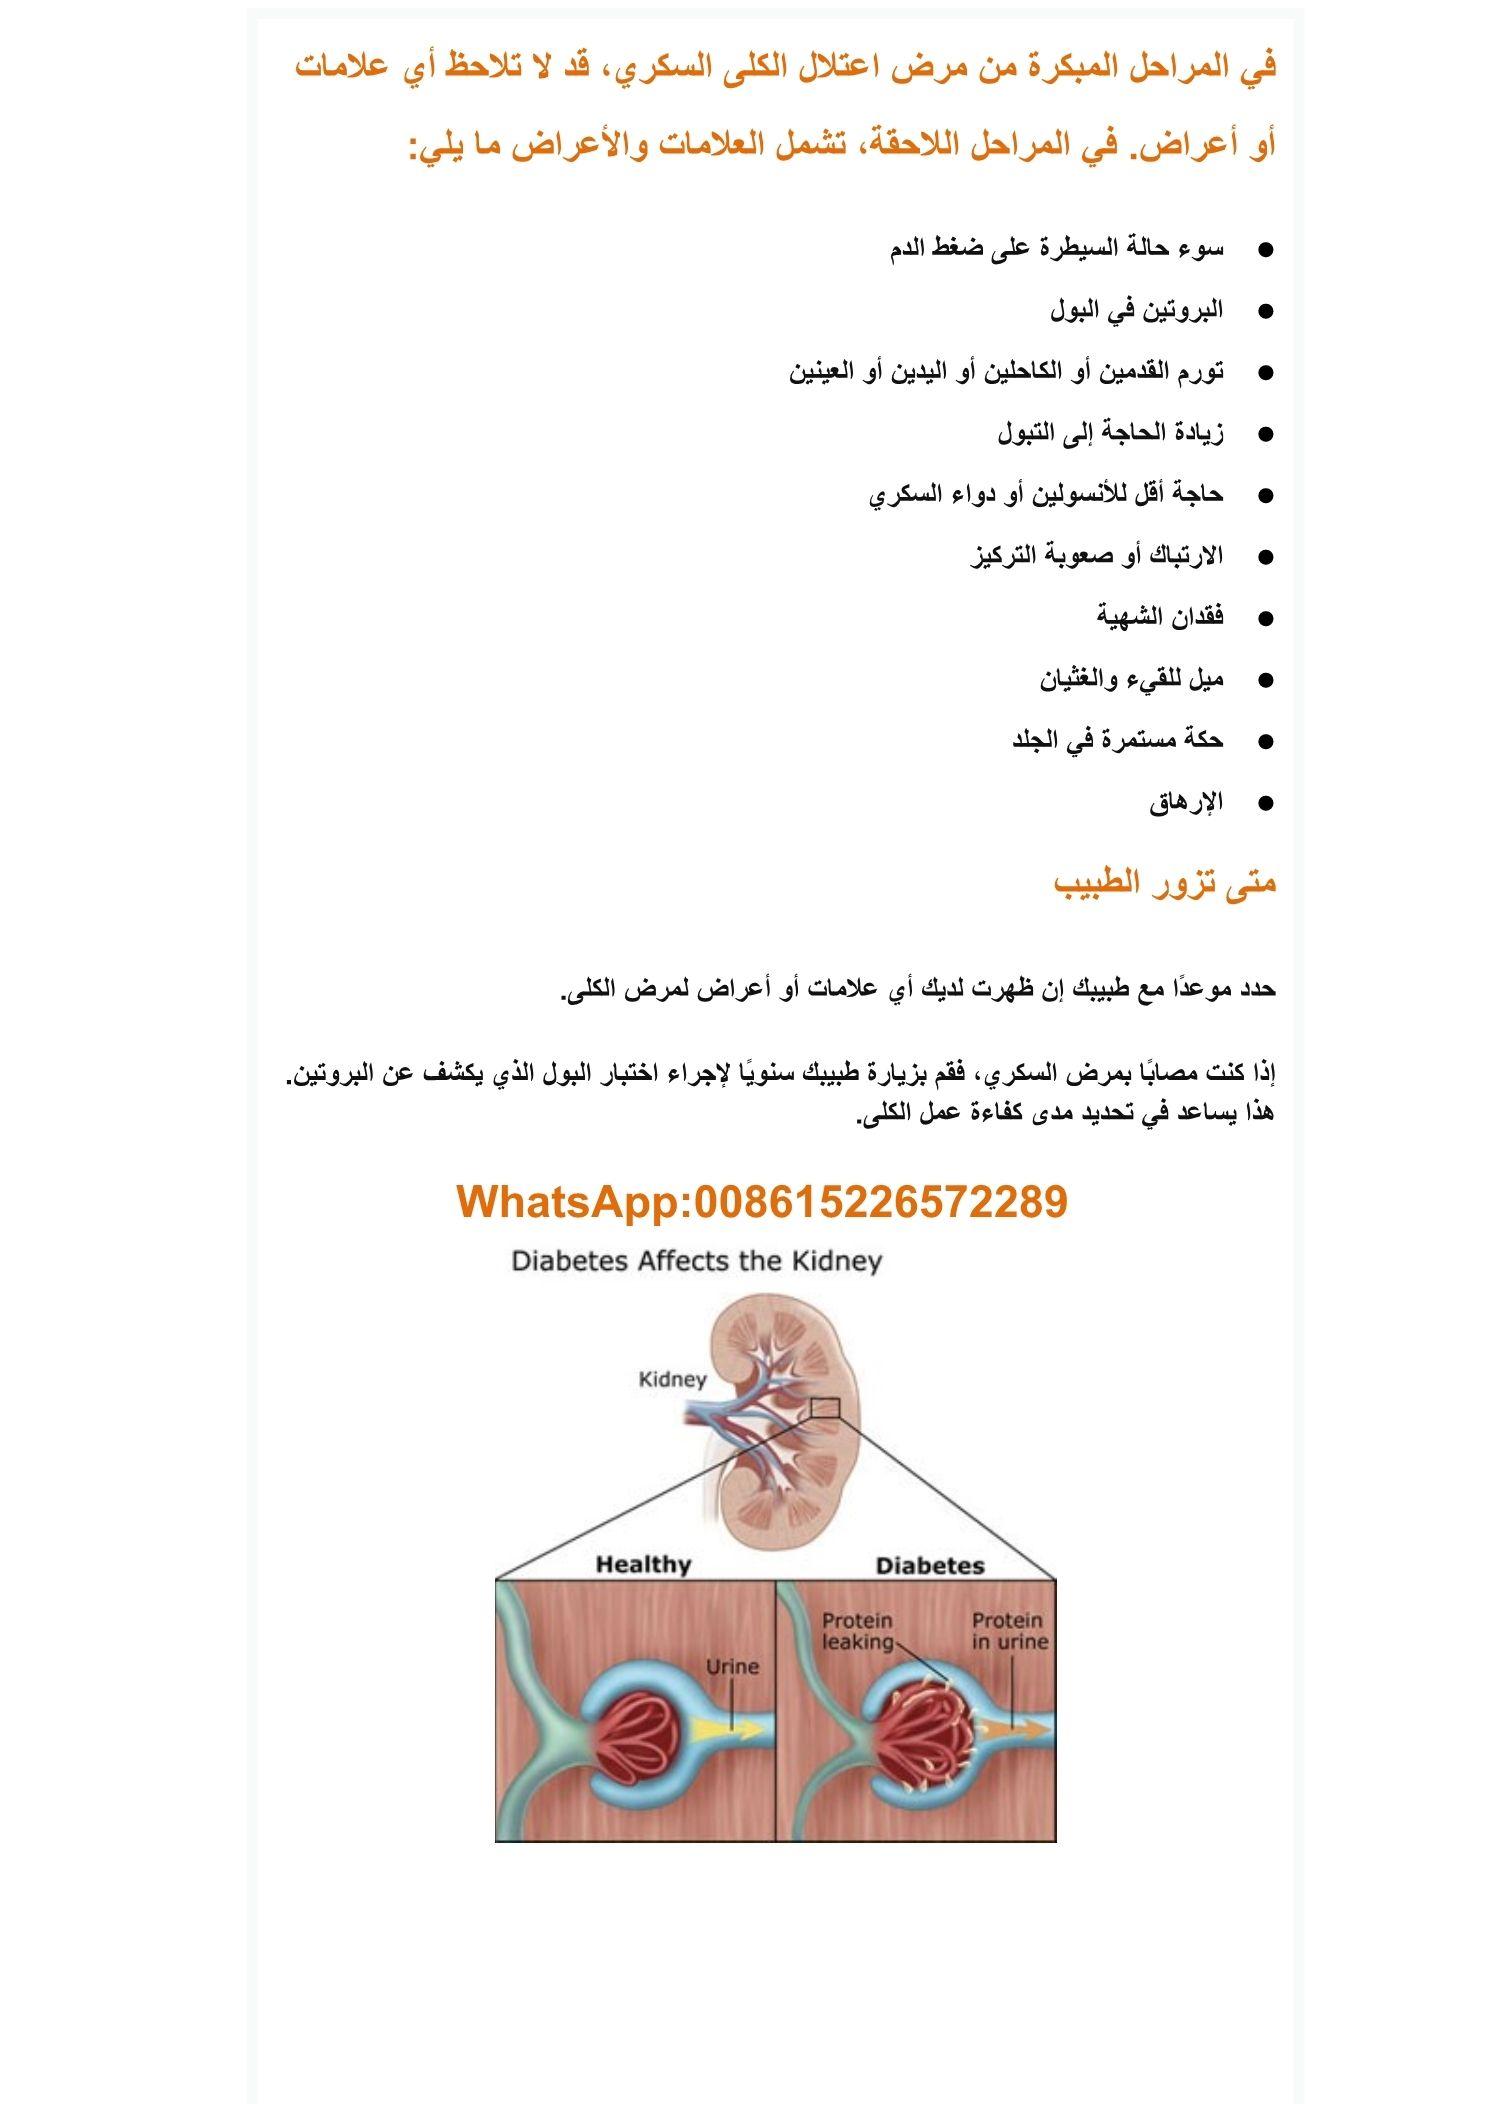 في المراحل المبكرة من مرض اعتلال الكلى السكري قد لا تلاحظ أي علامات أو أعراض في المراحل اللاحقة تشمل العلامات والأ Nephropathy Diabetic Nephropathy Diabetes